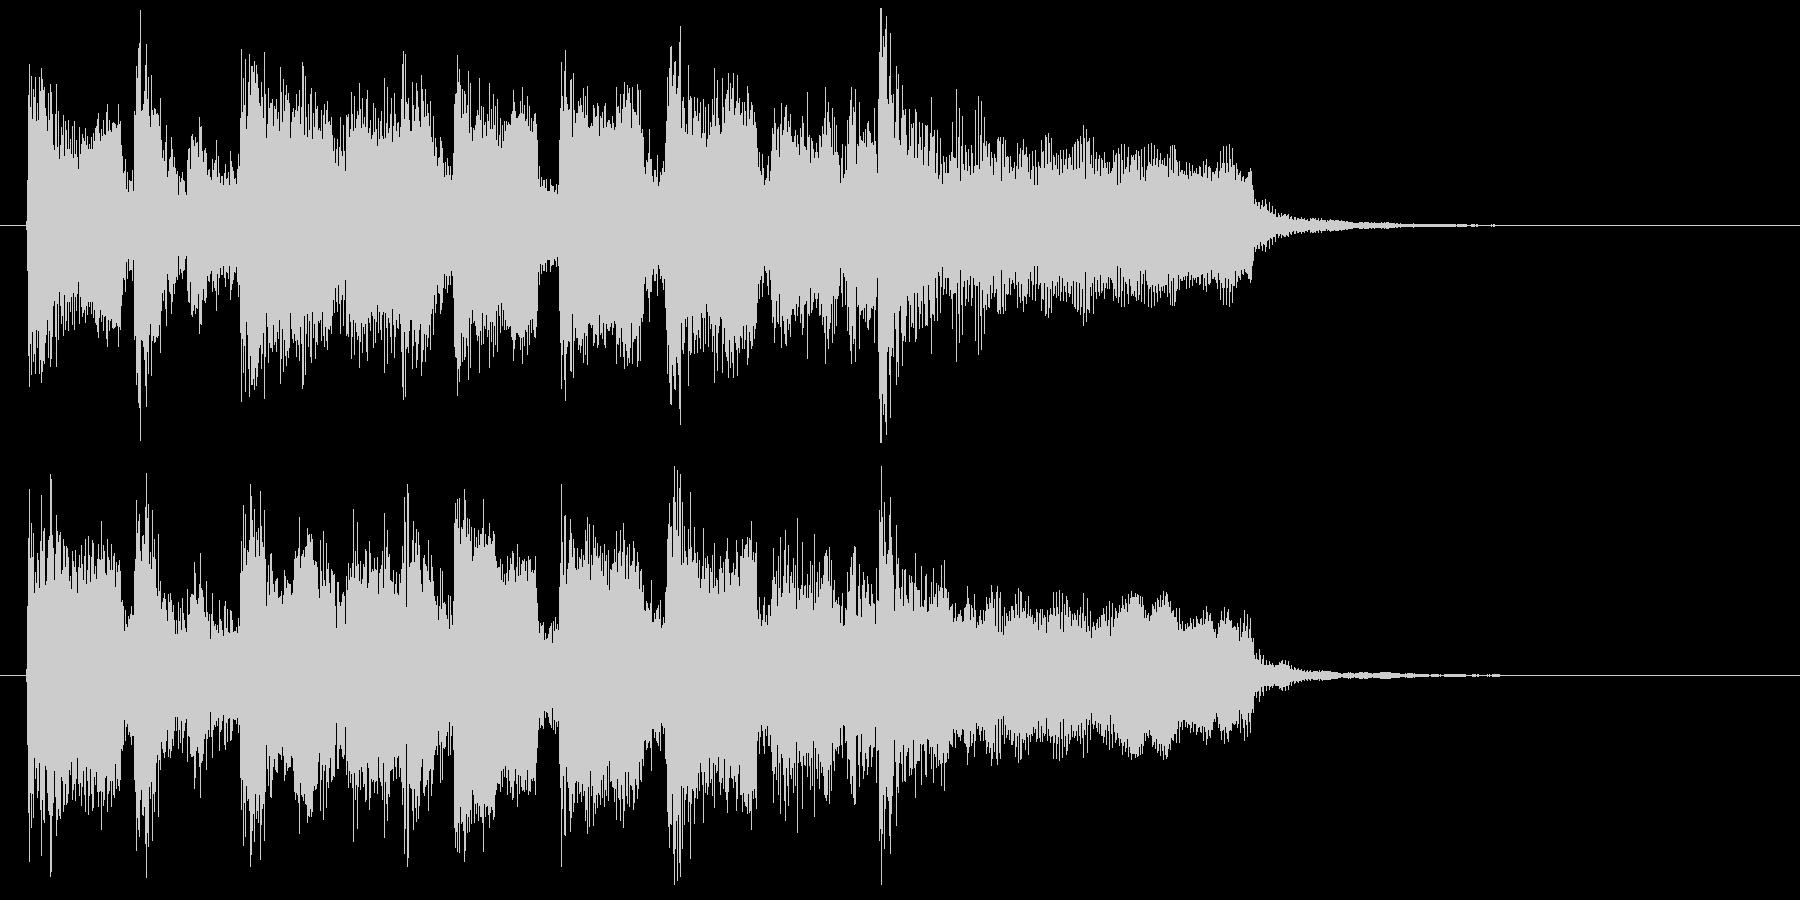 自由でノリノリなリコーダーのサウンドロゴの未再生の波形